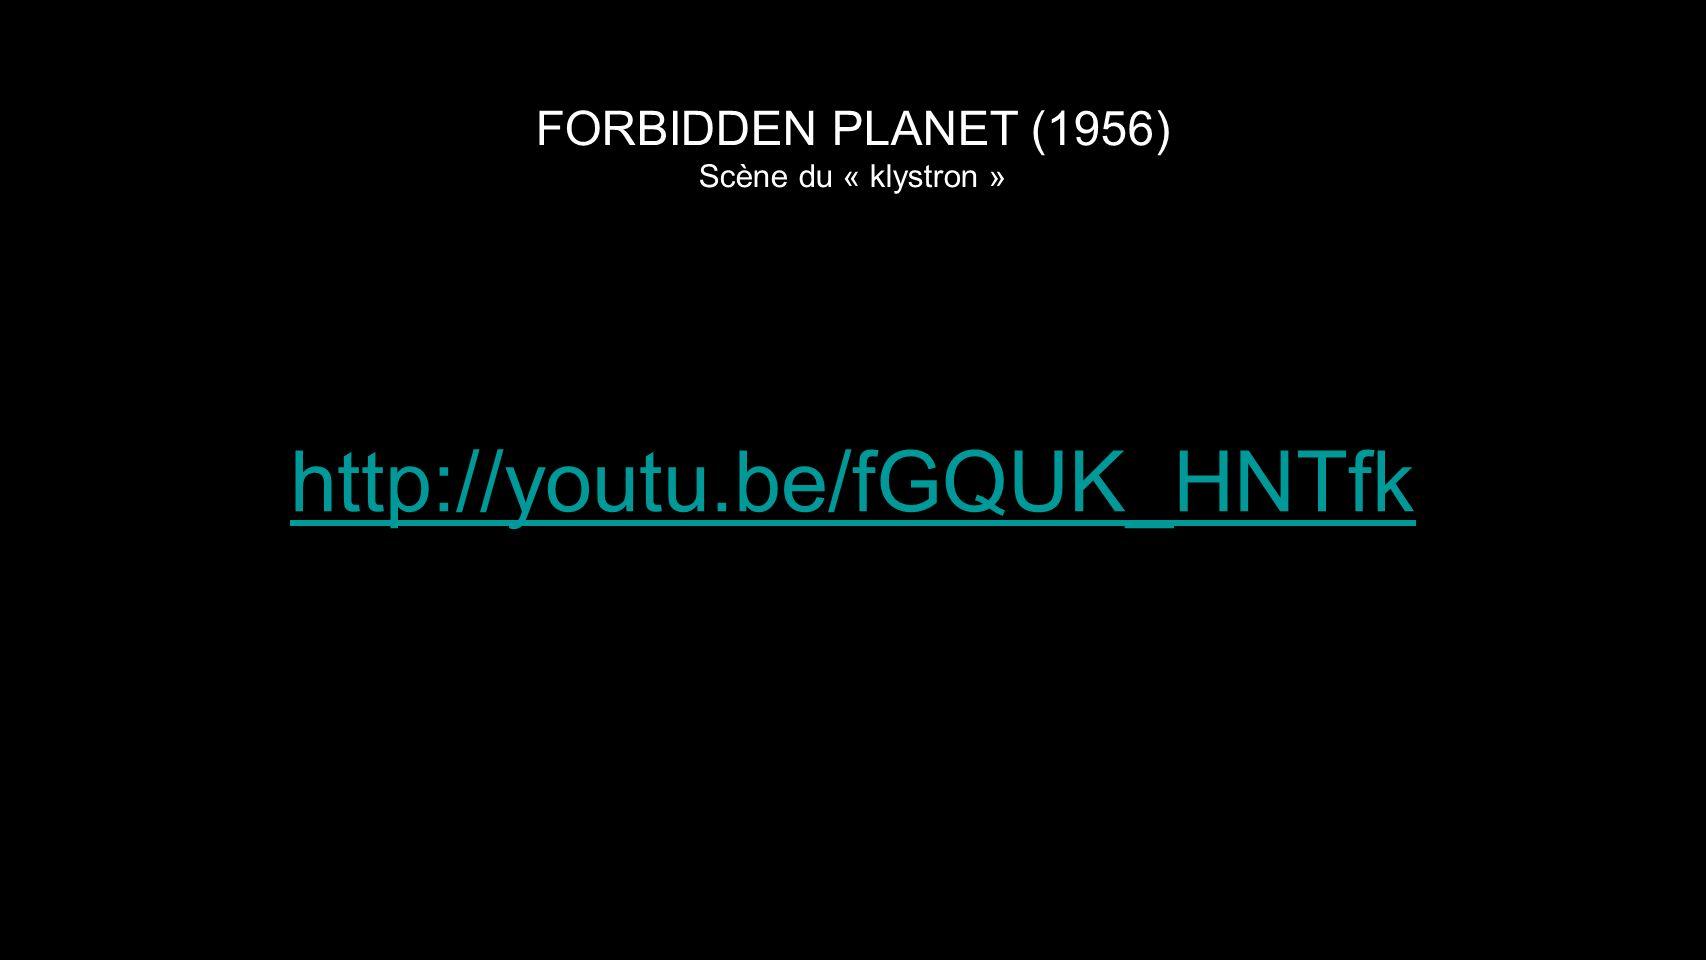 FORBIDDEN PLANET (1956) Scène du « klystron »